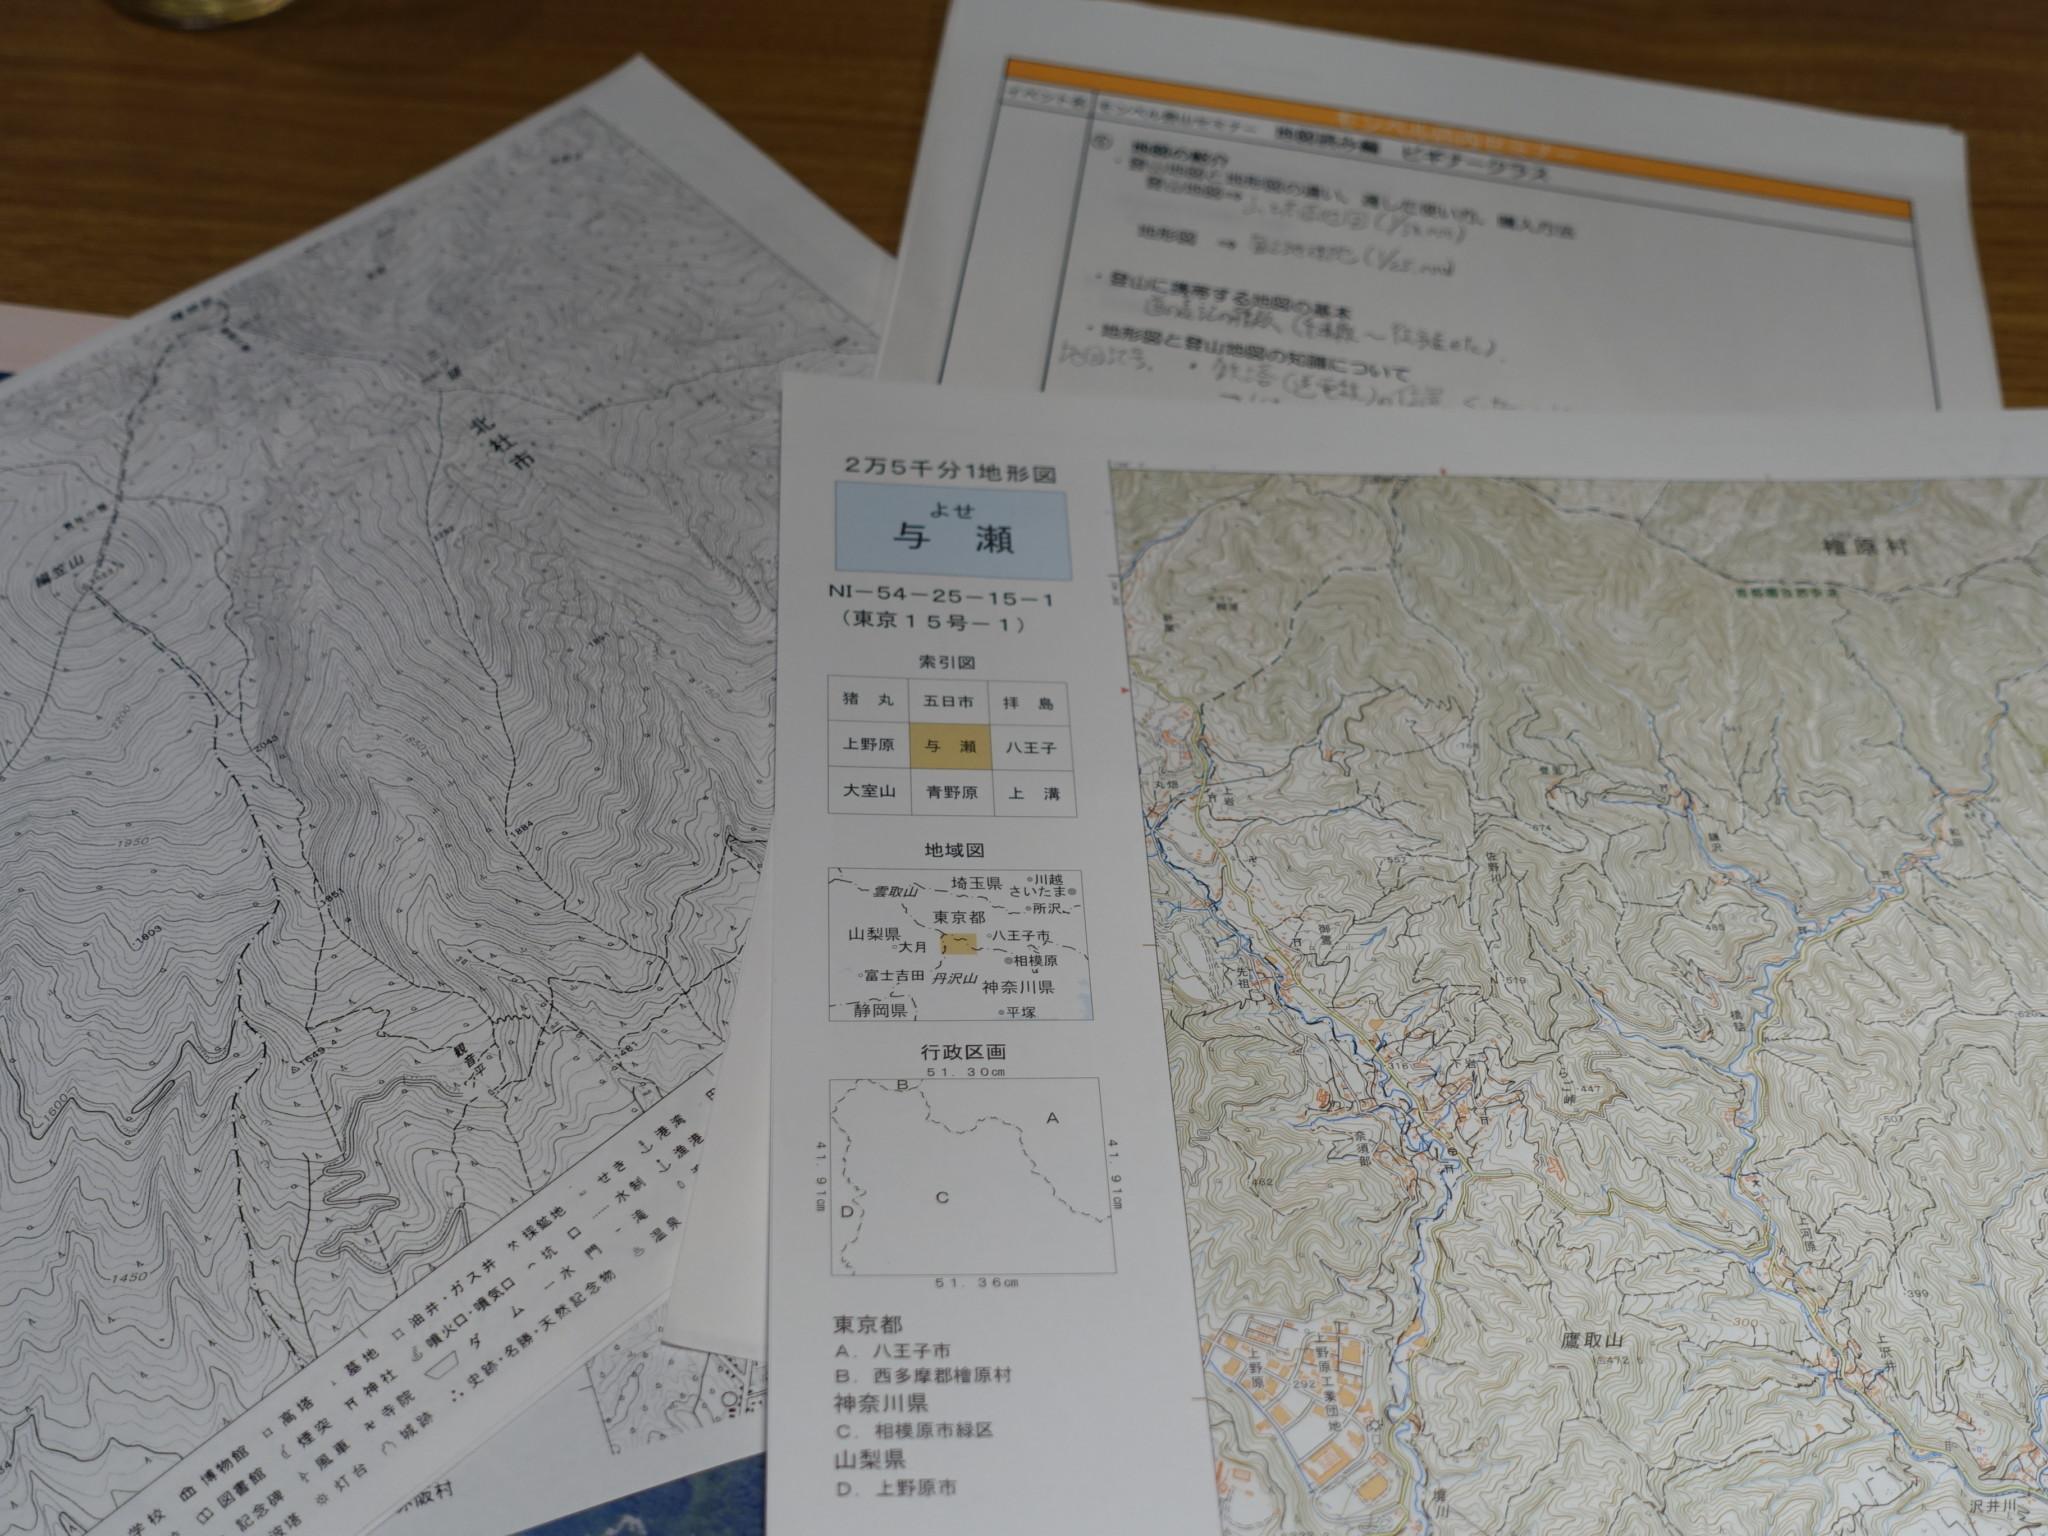 モンベル登山セミナー「地図読み編 地図の読み方」